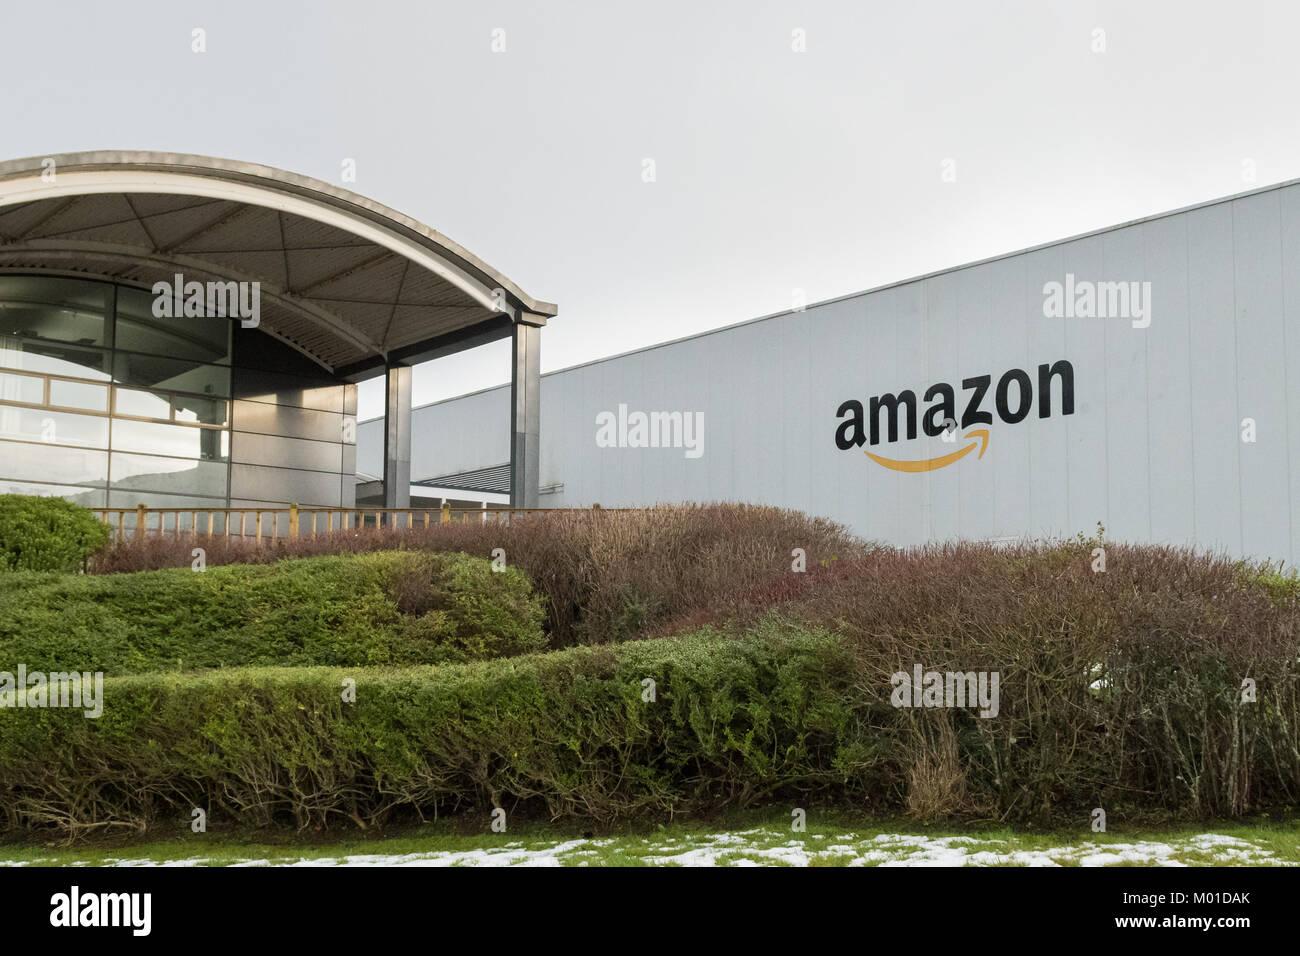 Almacén de Amazon en Gourock Greenock, Inverclyde, Escocia, Reino Unido Imagen De Stock